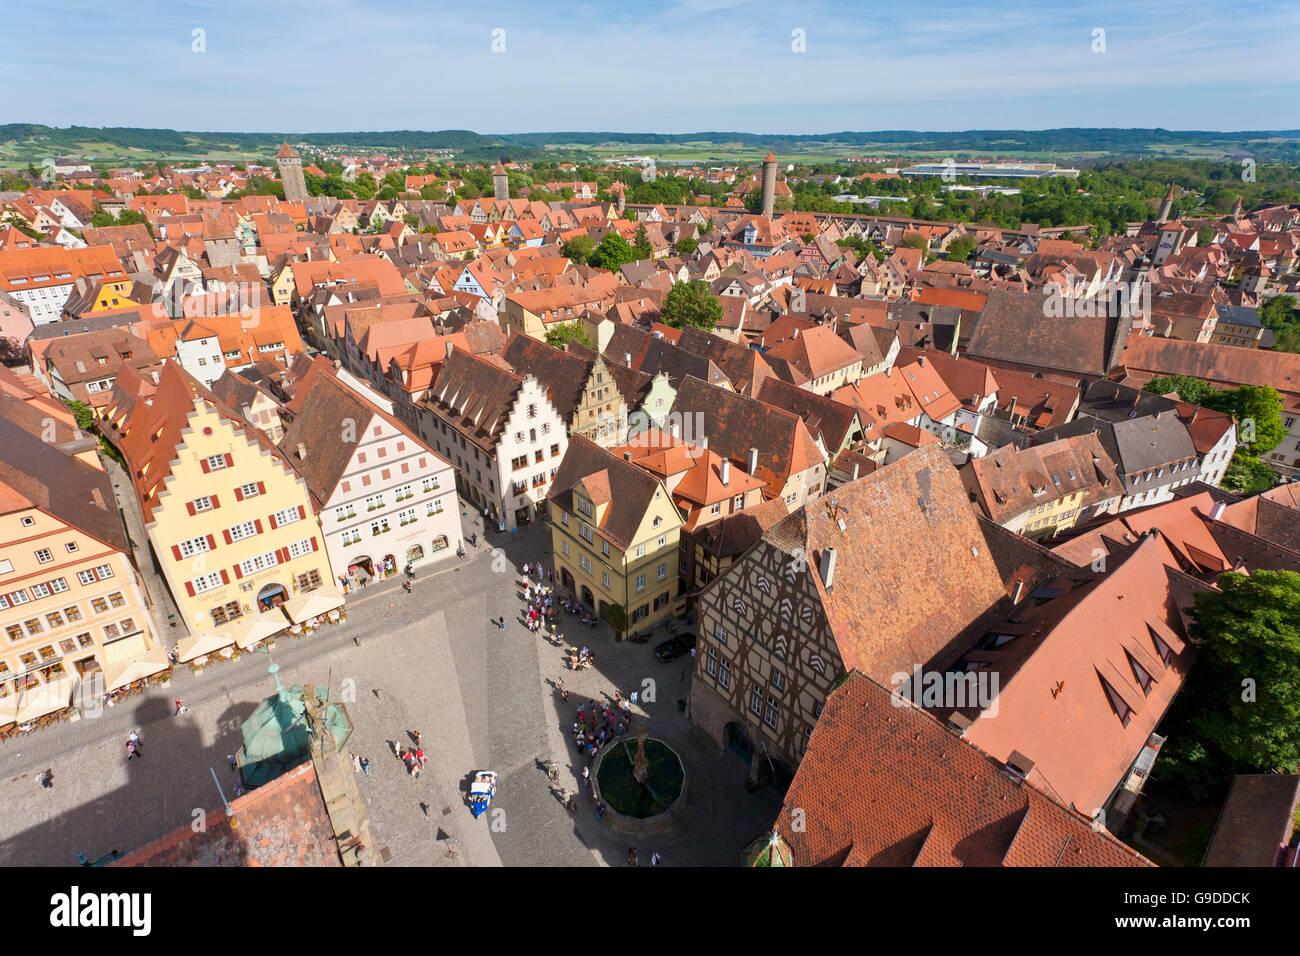 Vista di Marktplatz quadrato come visto da Rathausturm town hall tower, Rothenburg ob der Tauber, Franconia, Bavaria Foto Stock